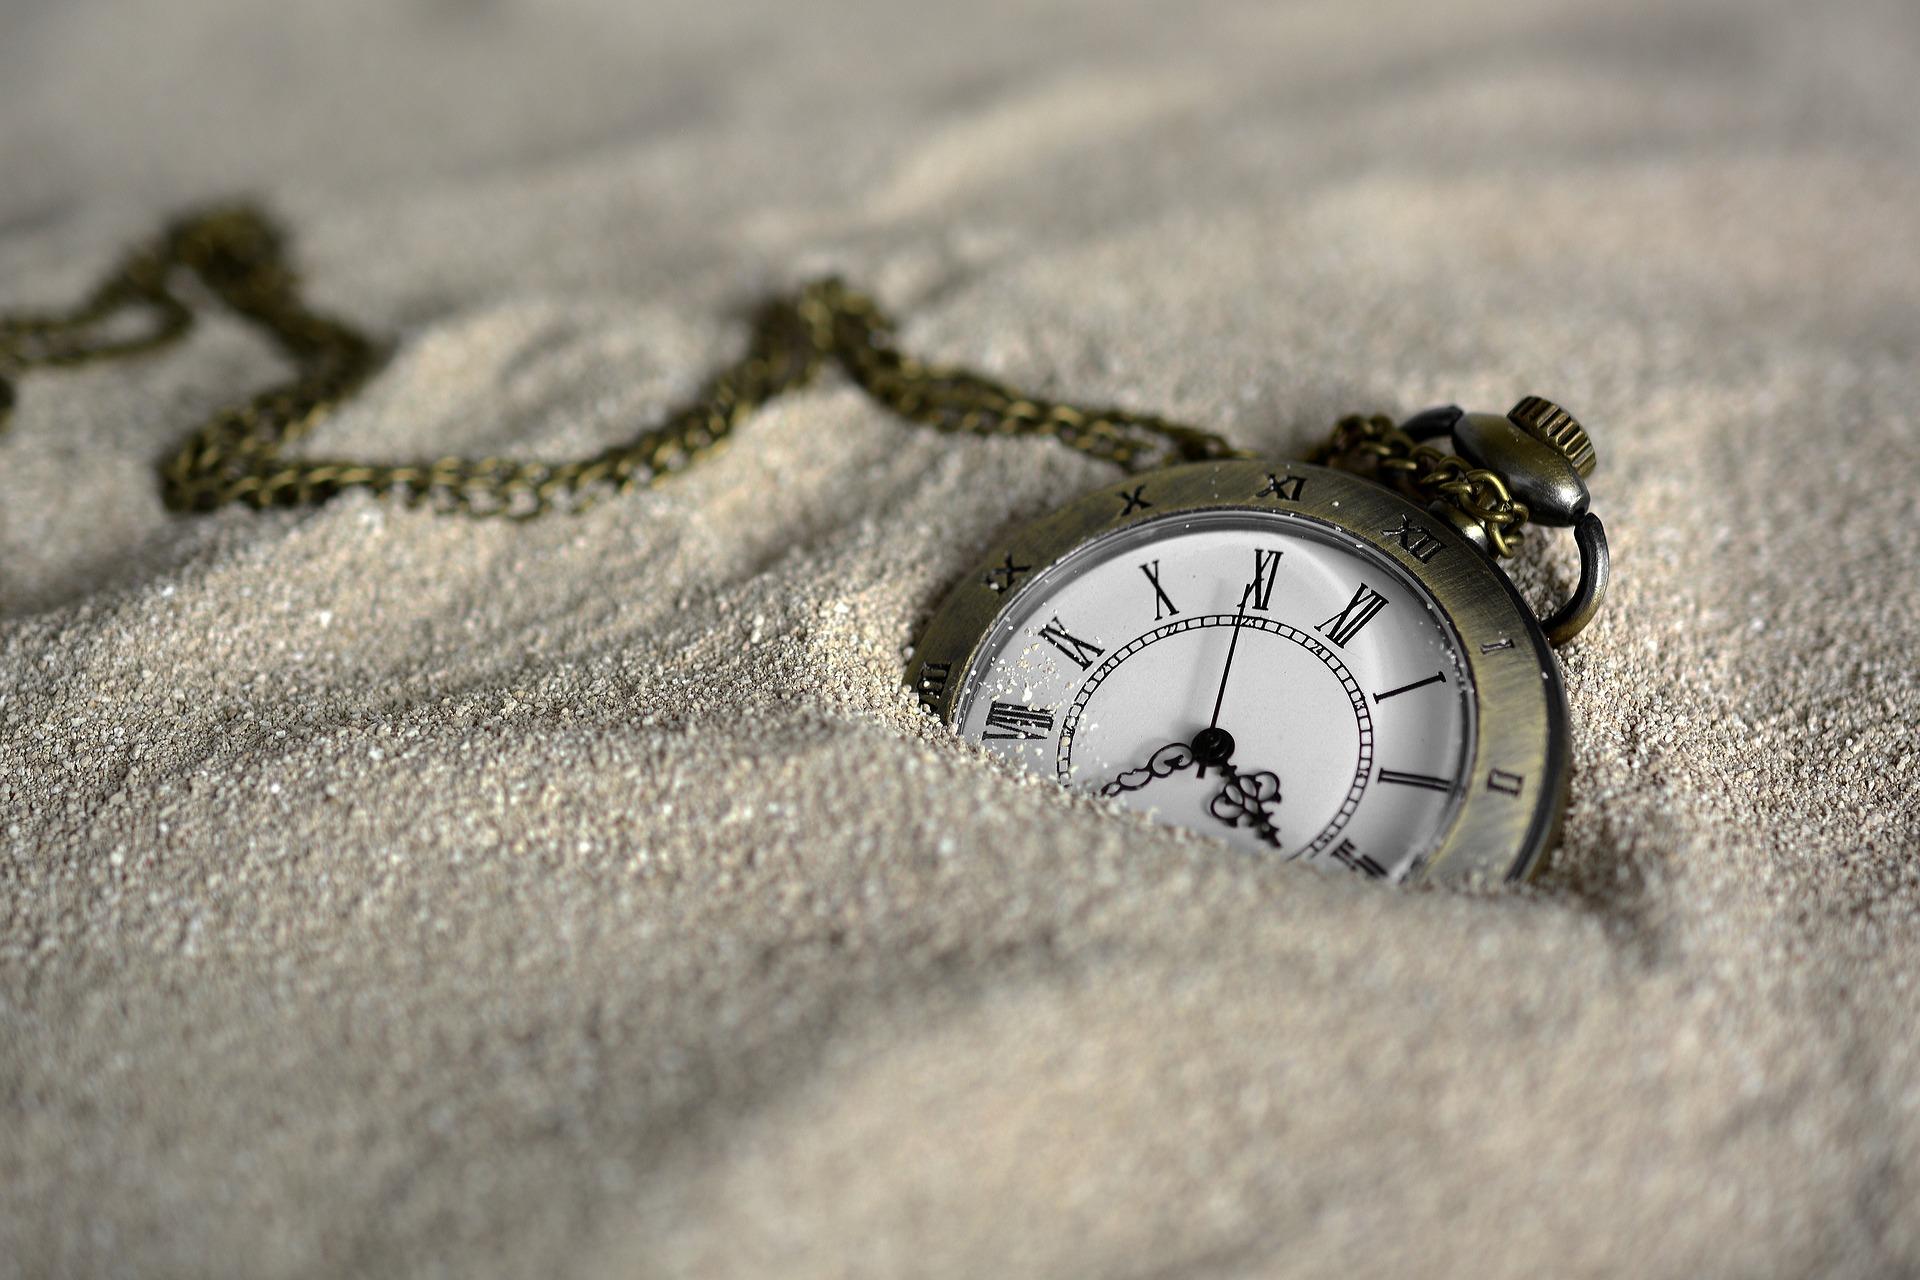 C'era una volta in Norvegia, un'isola che aveva abolito il tempo…..